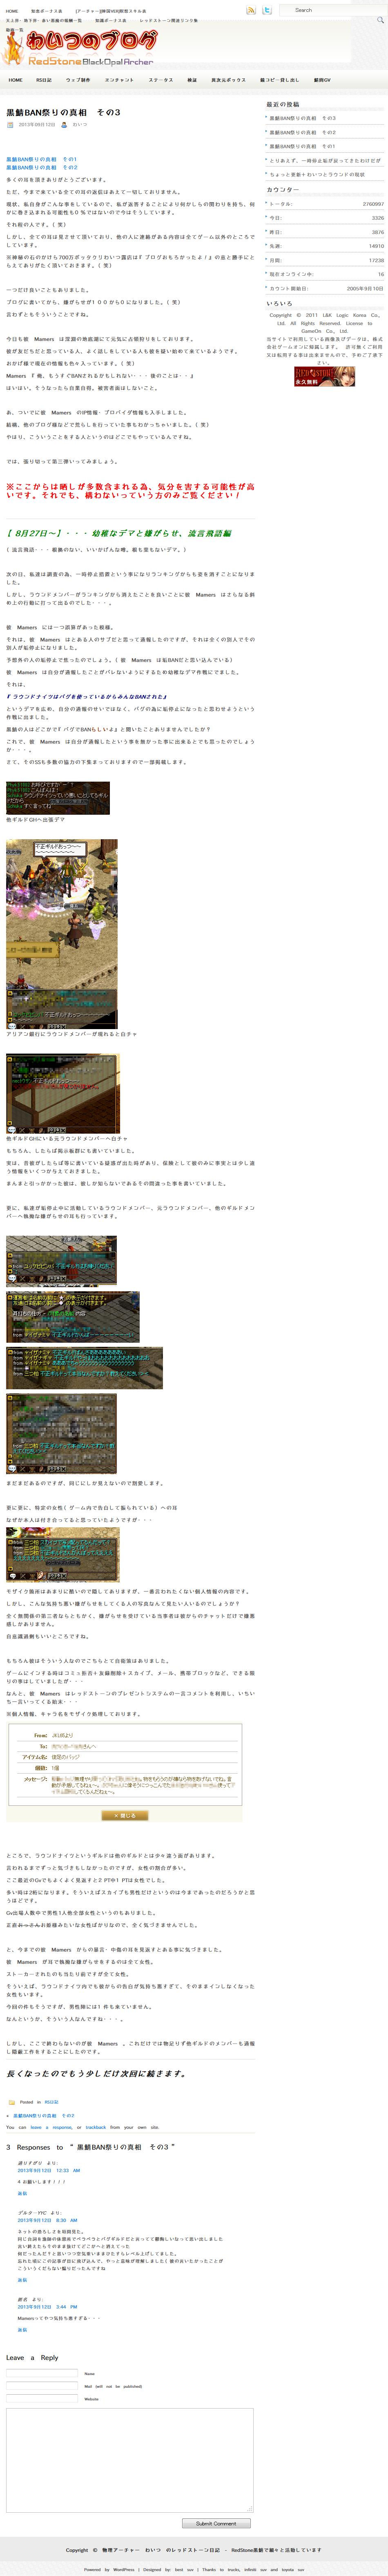 20130912黒鯖BAN祭りの真相 その3 物理アーチャー わいつ のレッドストーン日記